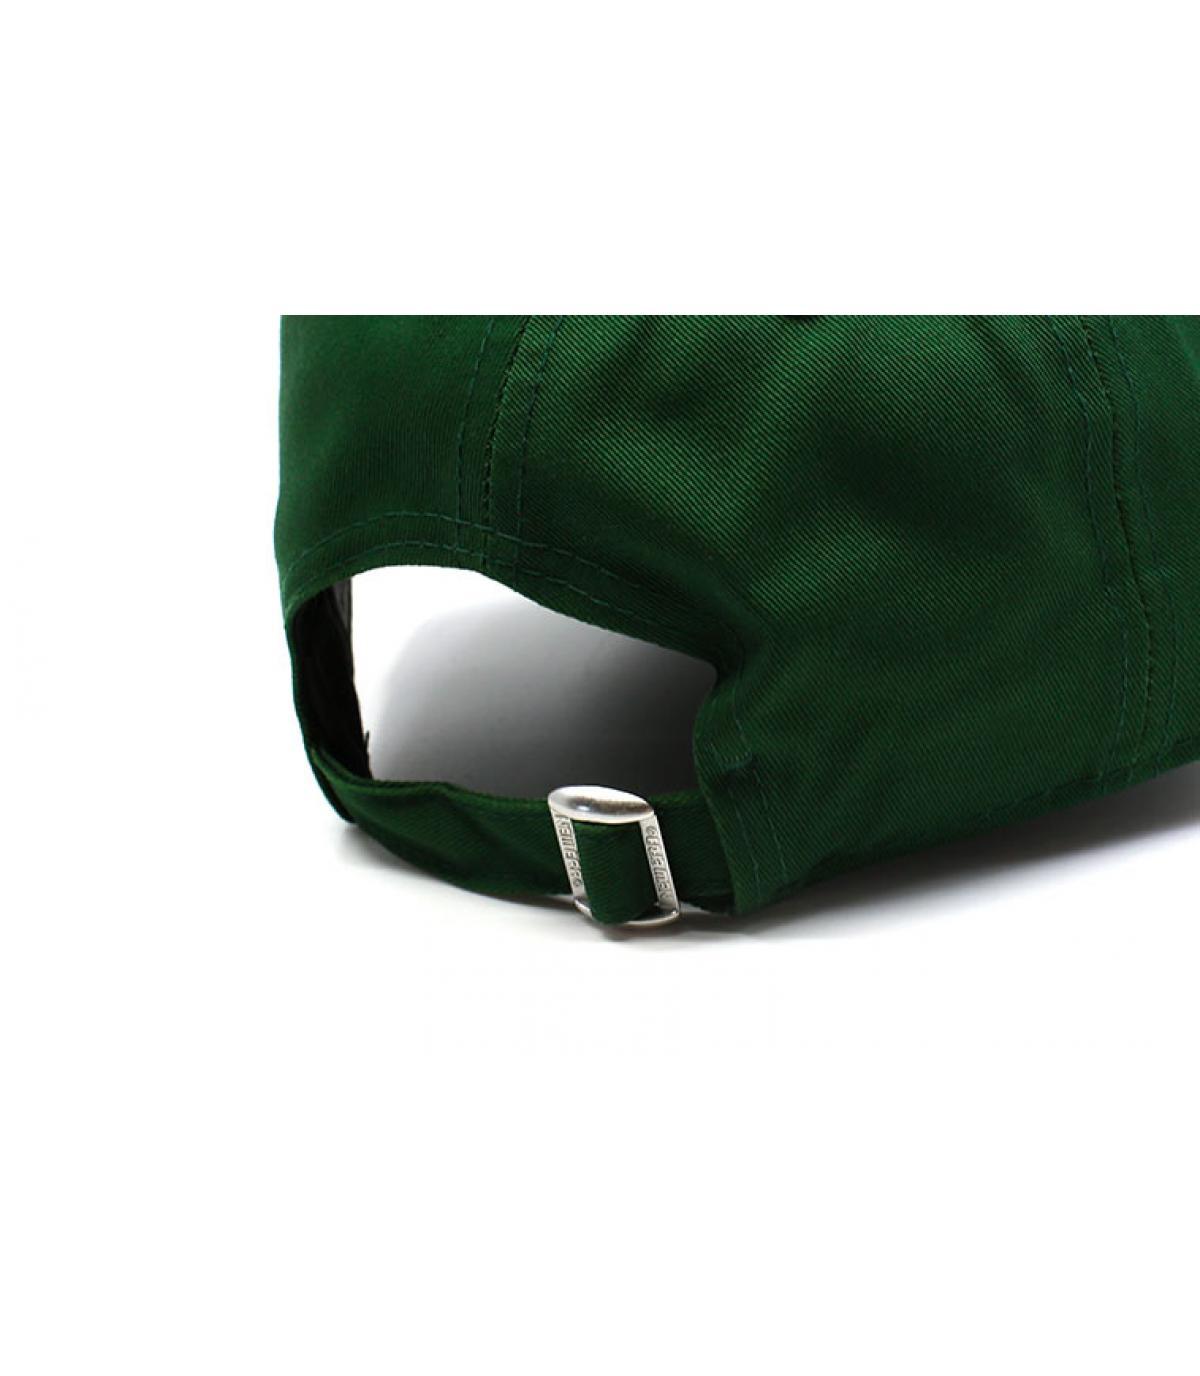 Details Kinder Cap League Ess NY green black - Abbildung 5